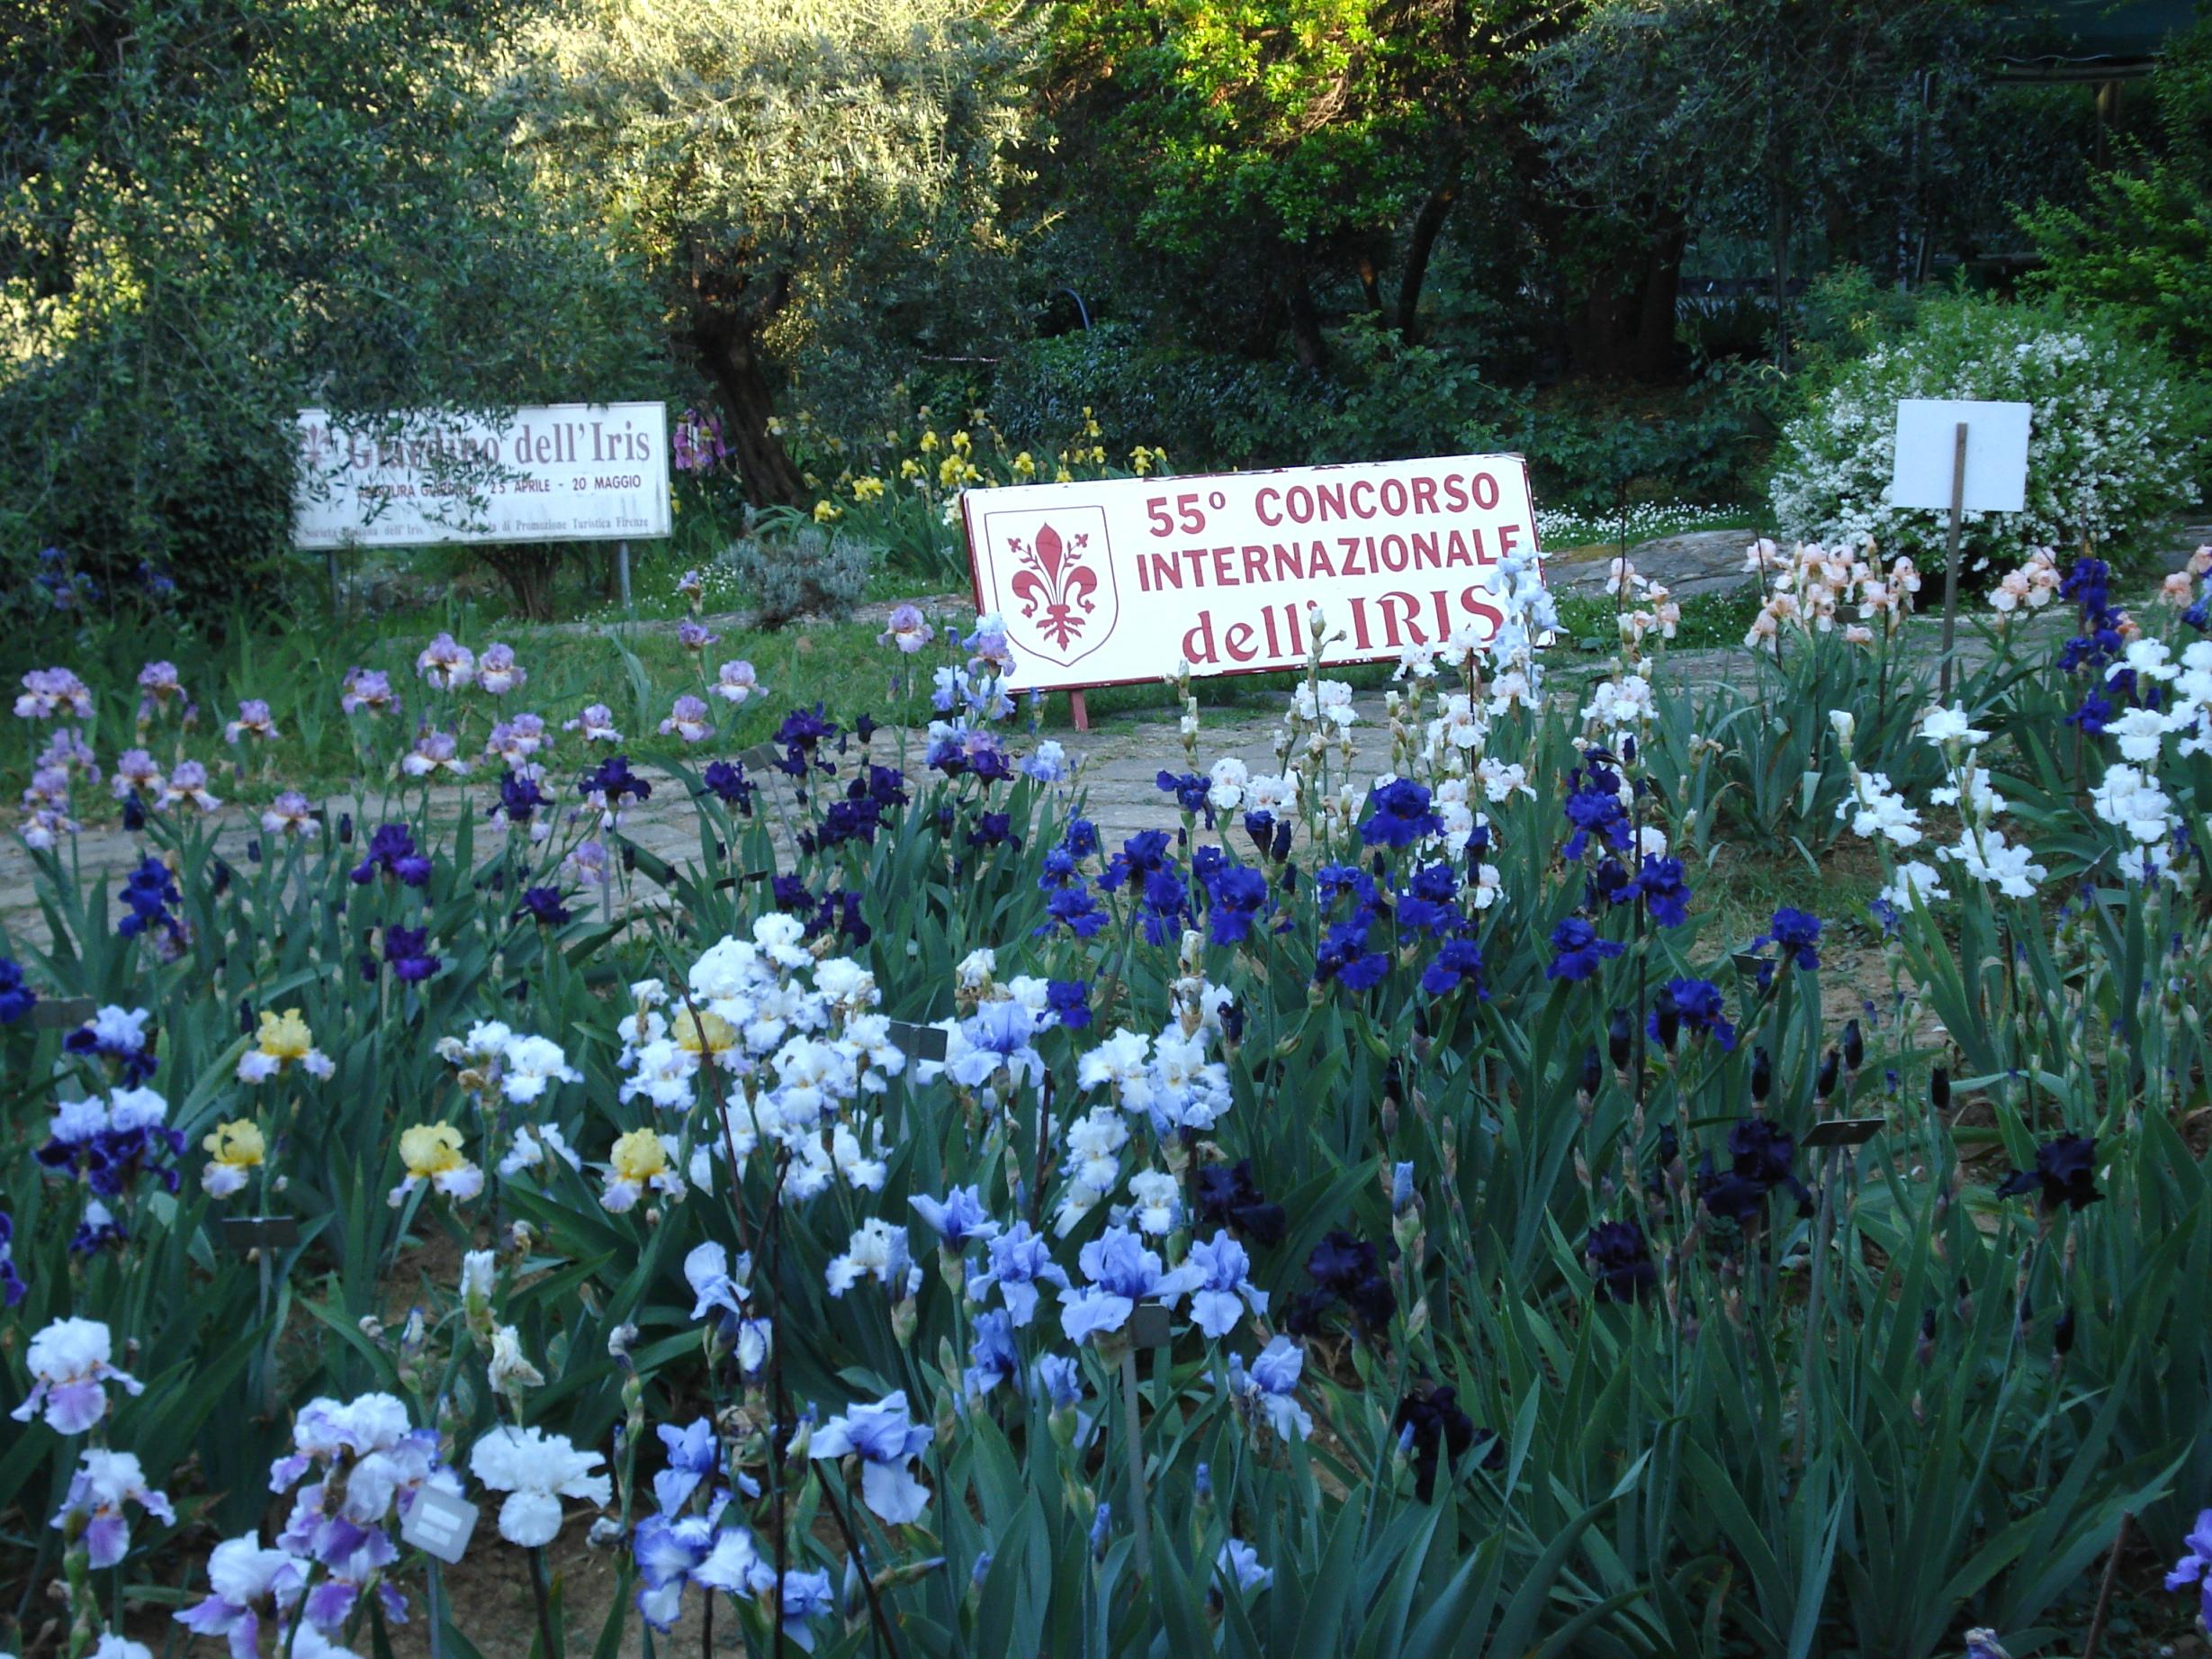 Giardino dell iris il giaggiolo in fiorentino firenze - Giardino dell iris firenze ...